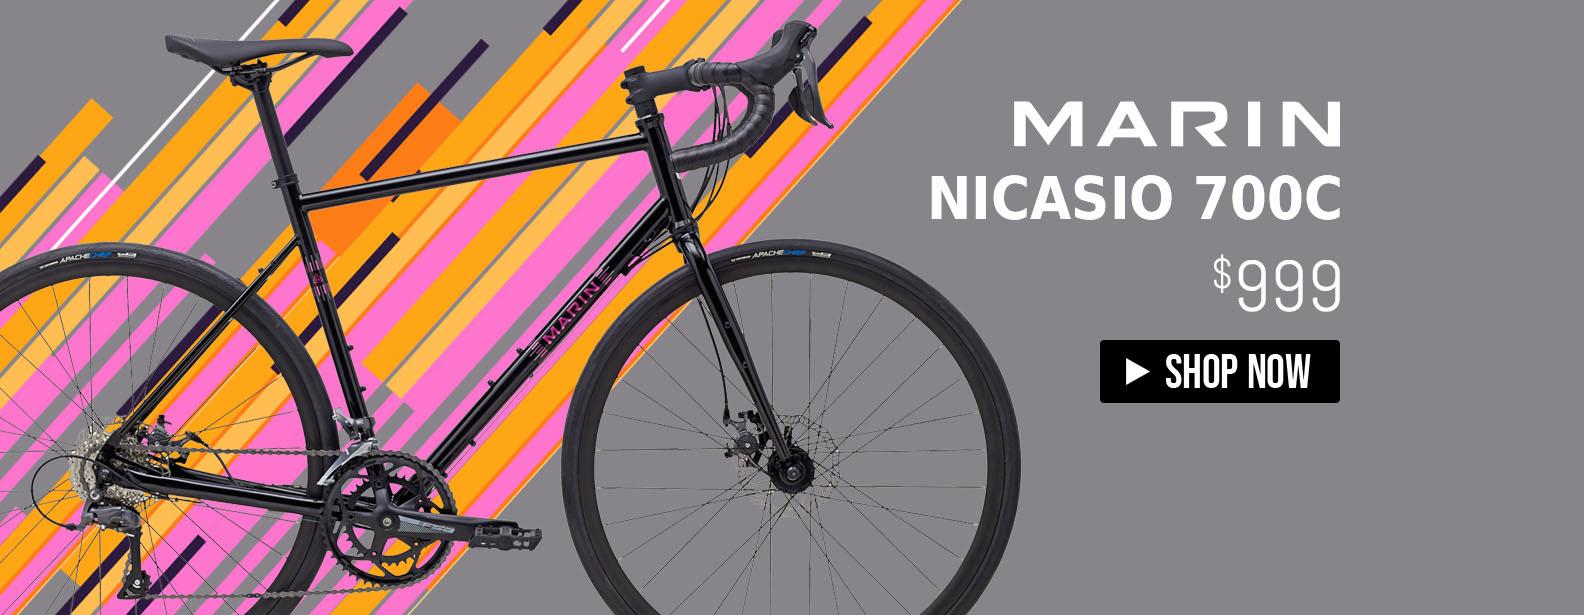 Buy Marin Nicasio 700C Bike